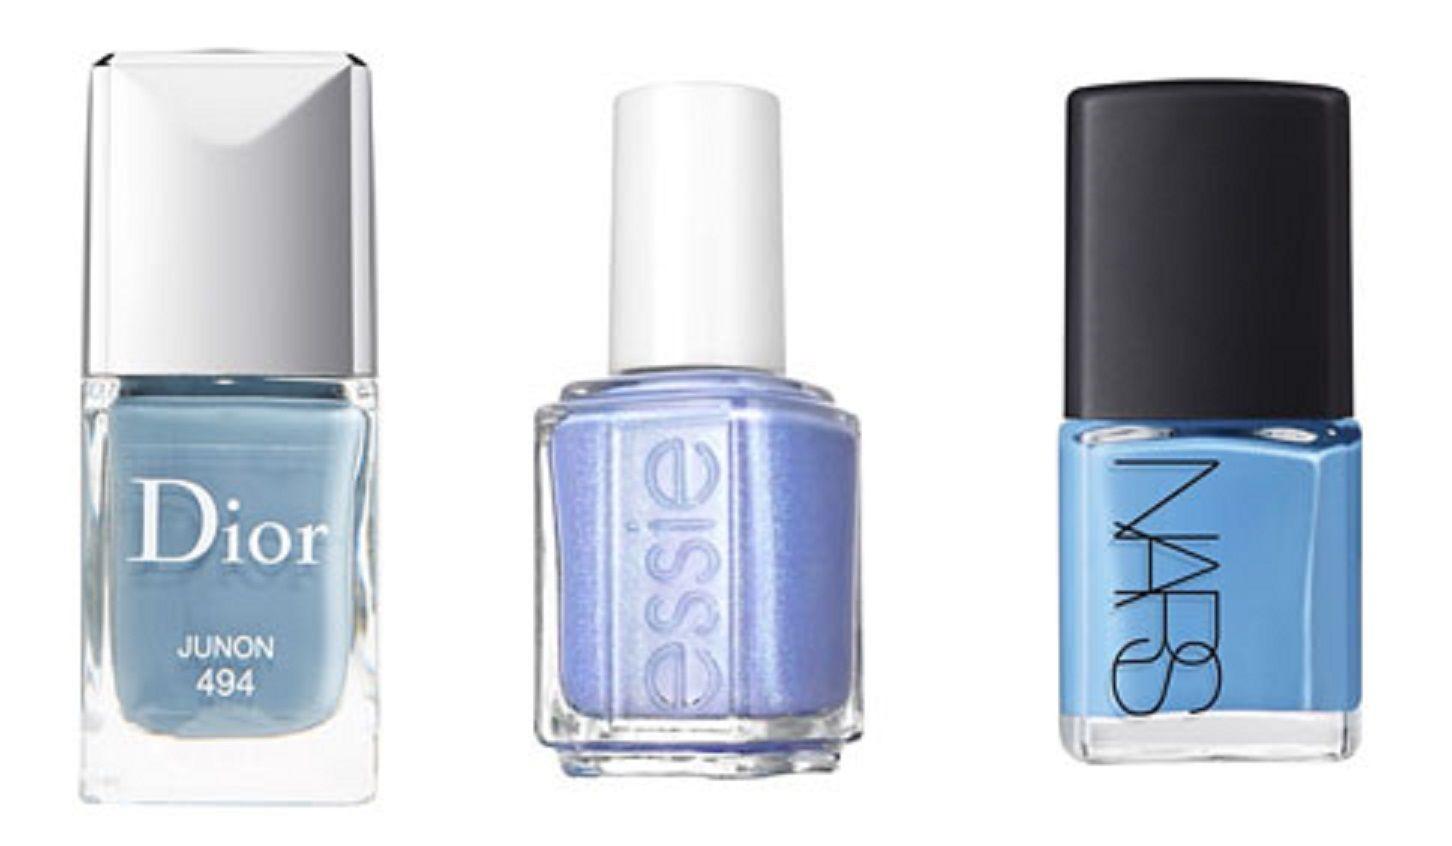 人気コスメブランドのネイルポリッシュ・コレクションにも続々セレニティ・ブルーが追加に。左から:Dior, Essie, NARS